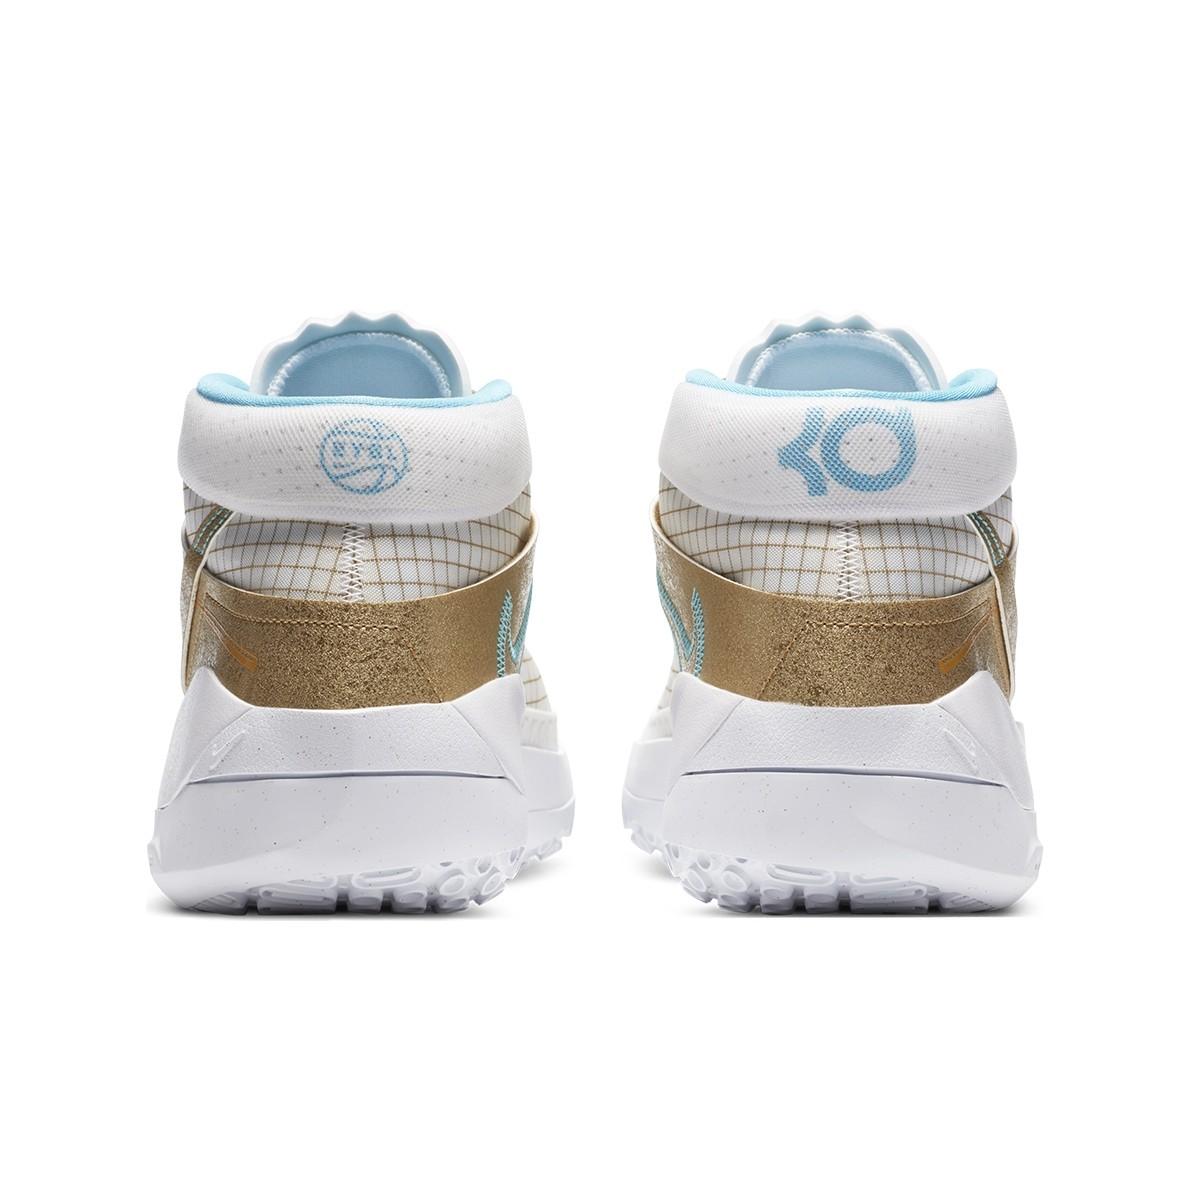 Nike KD13 'EYBL'-DA0895-102